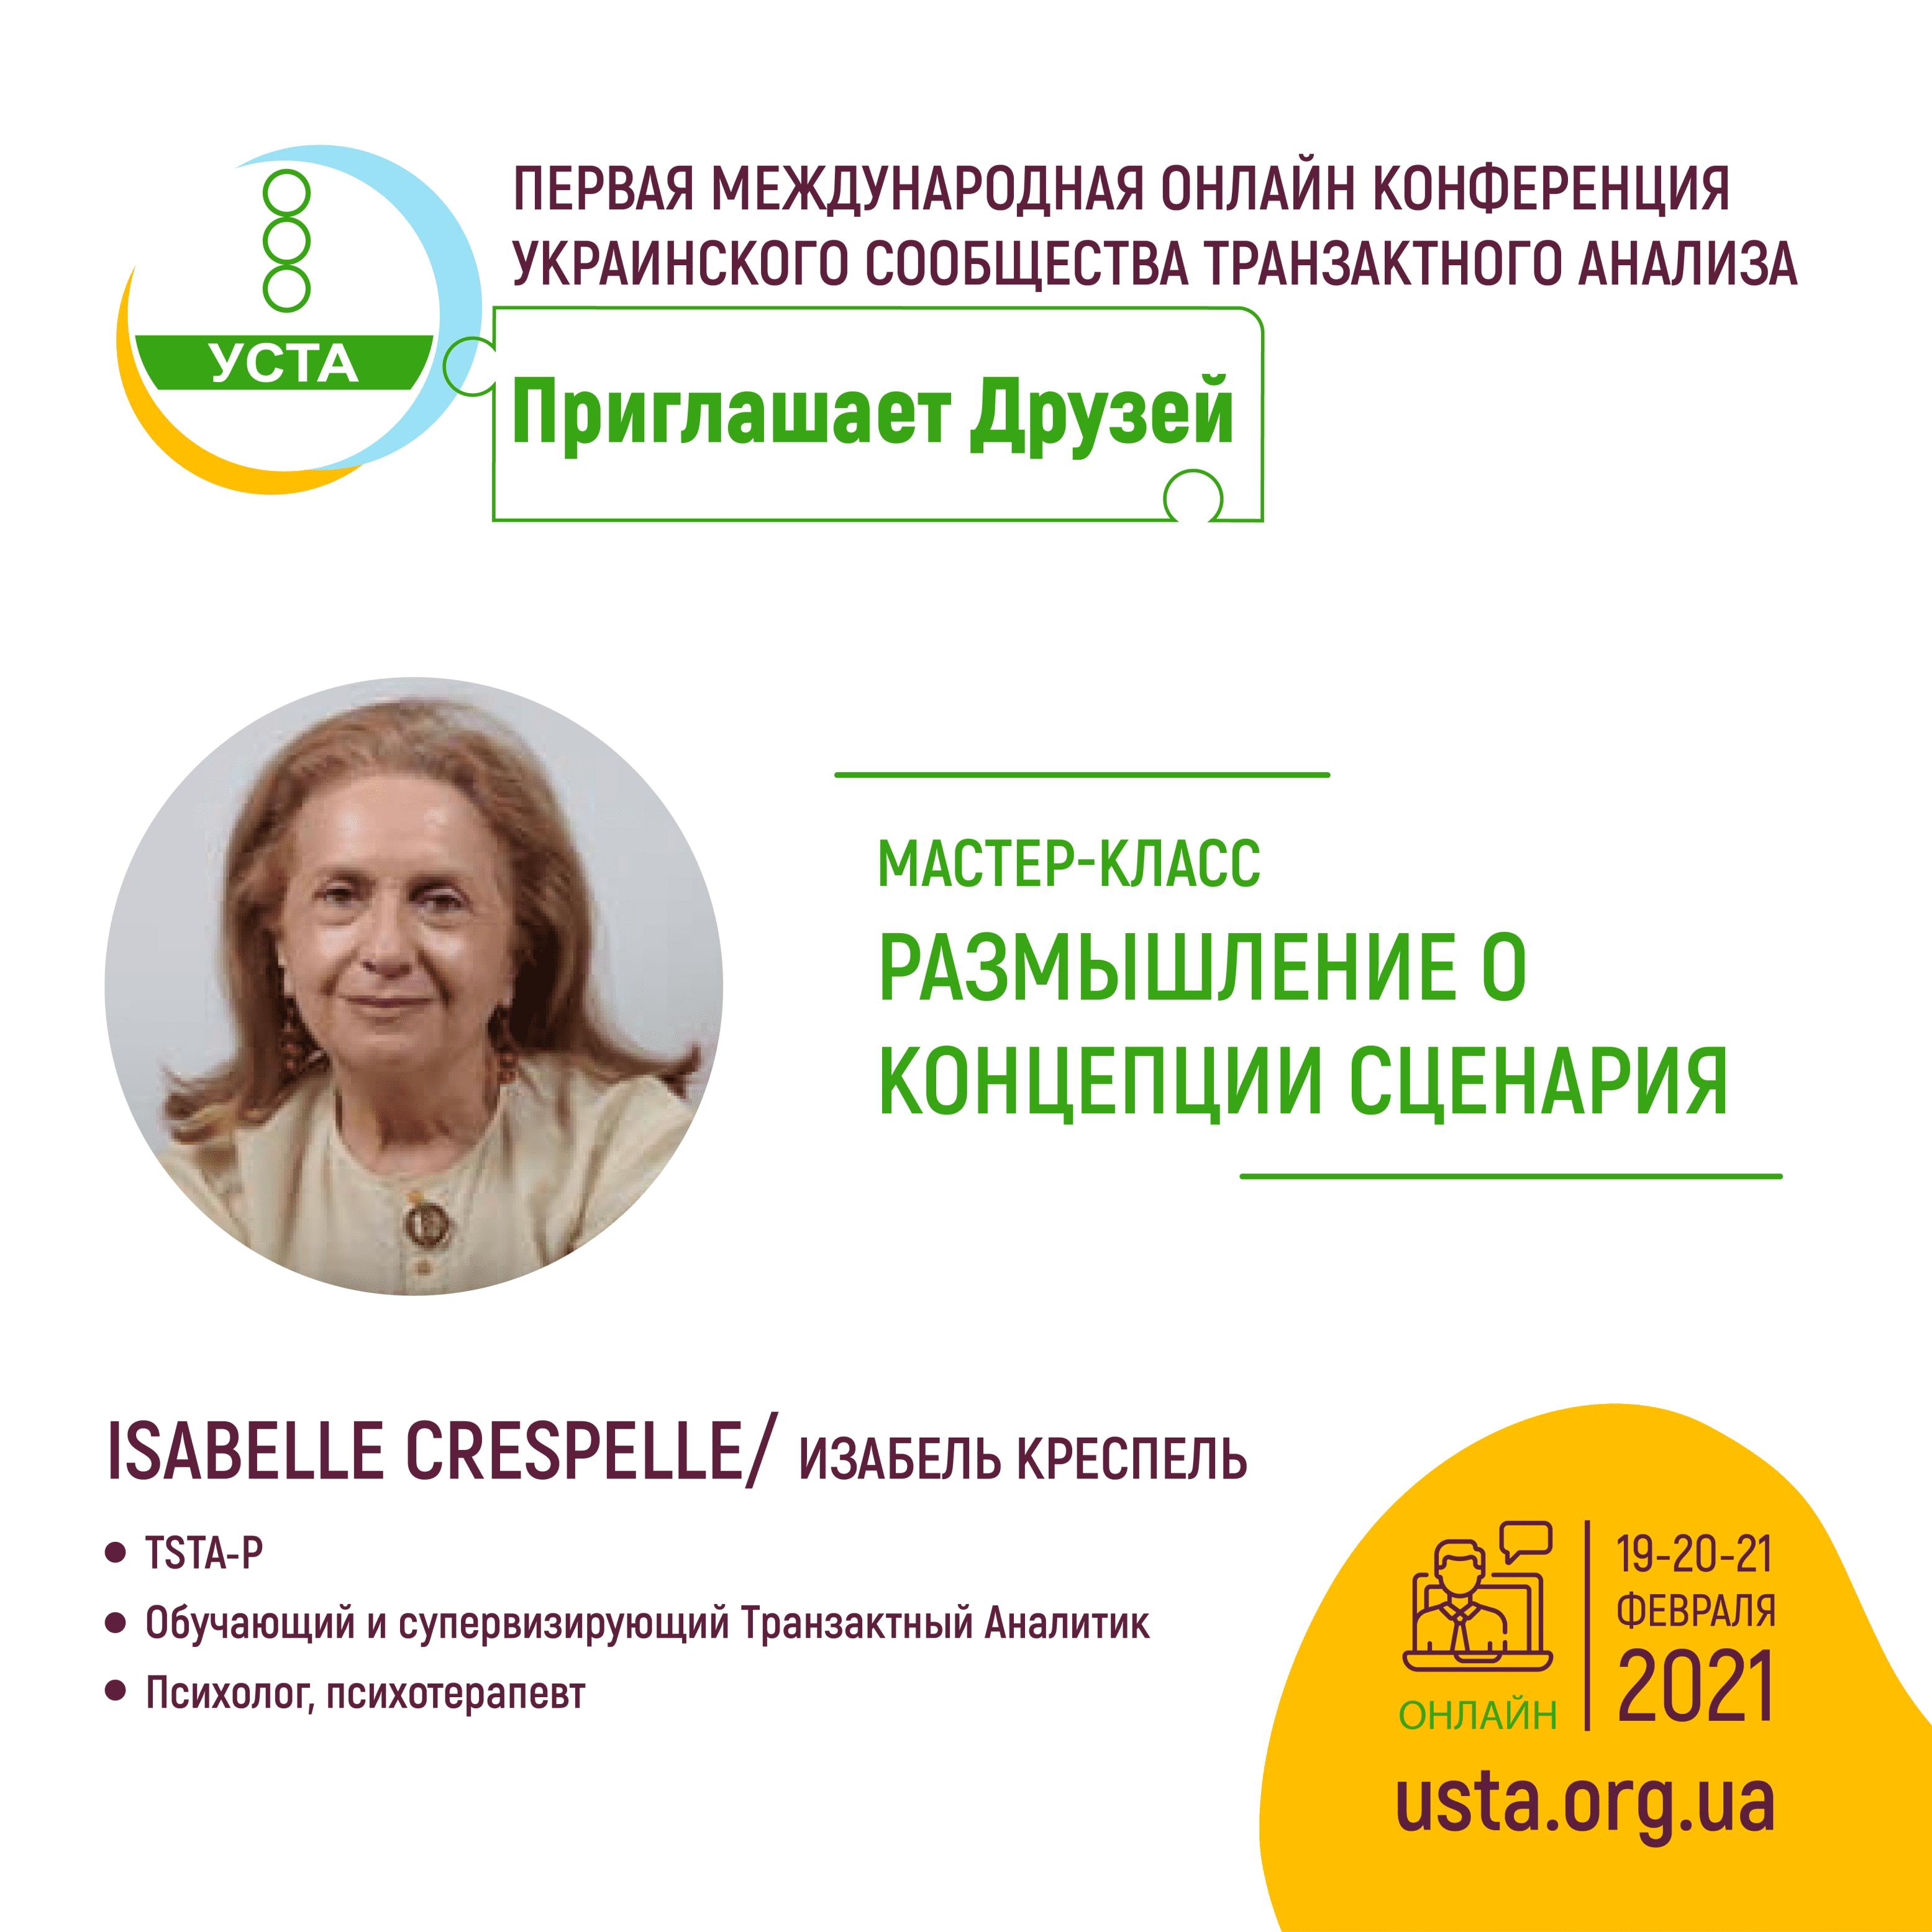 Изабель Креспель РУС